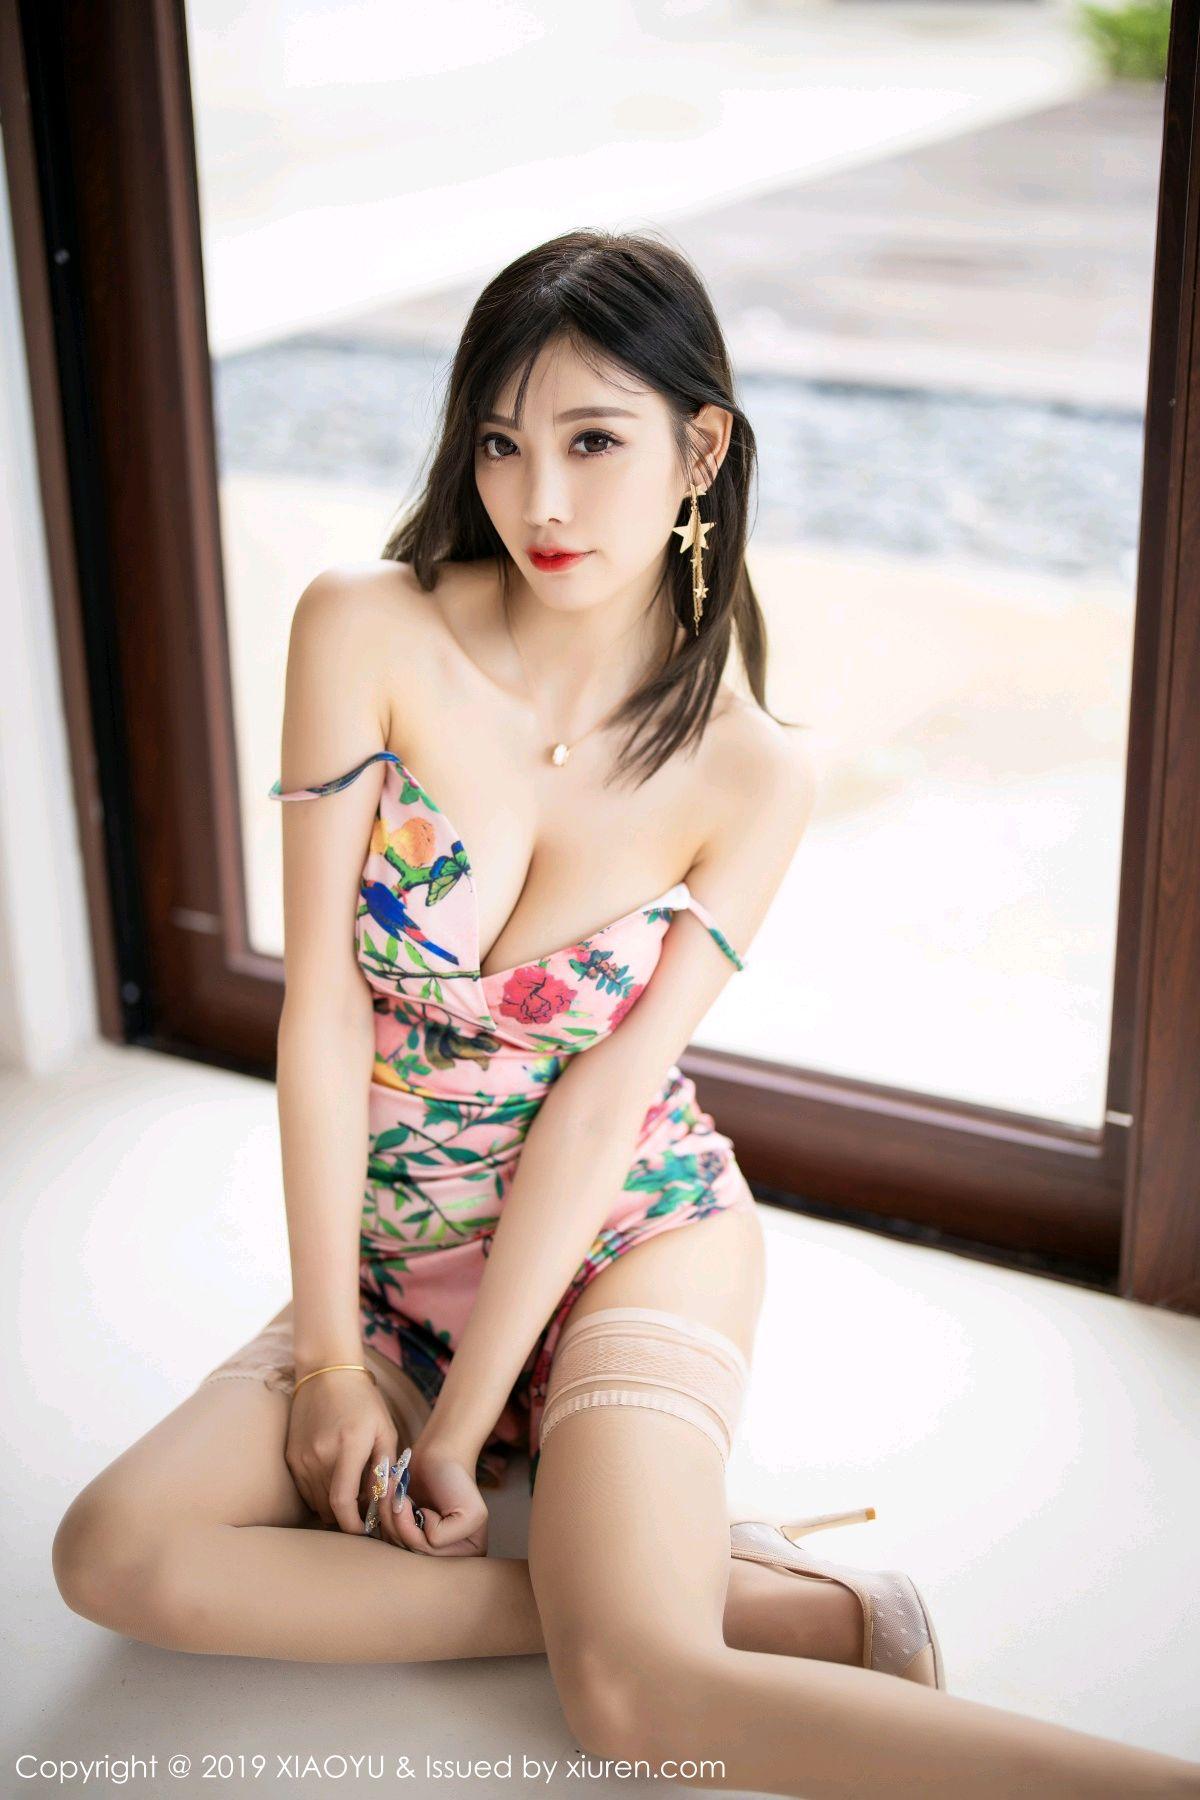 [XiaoYu] Vol.194 Yang Chen Chen 26P, Bikini, XiaoYu, Yang Chen Chen